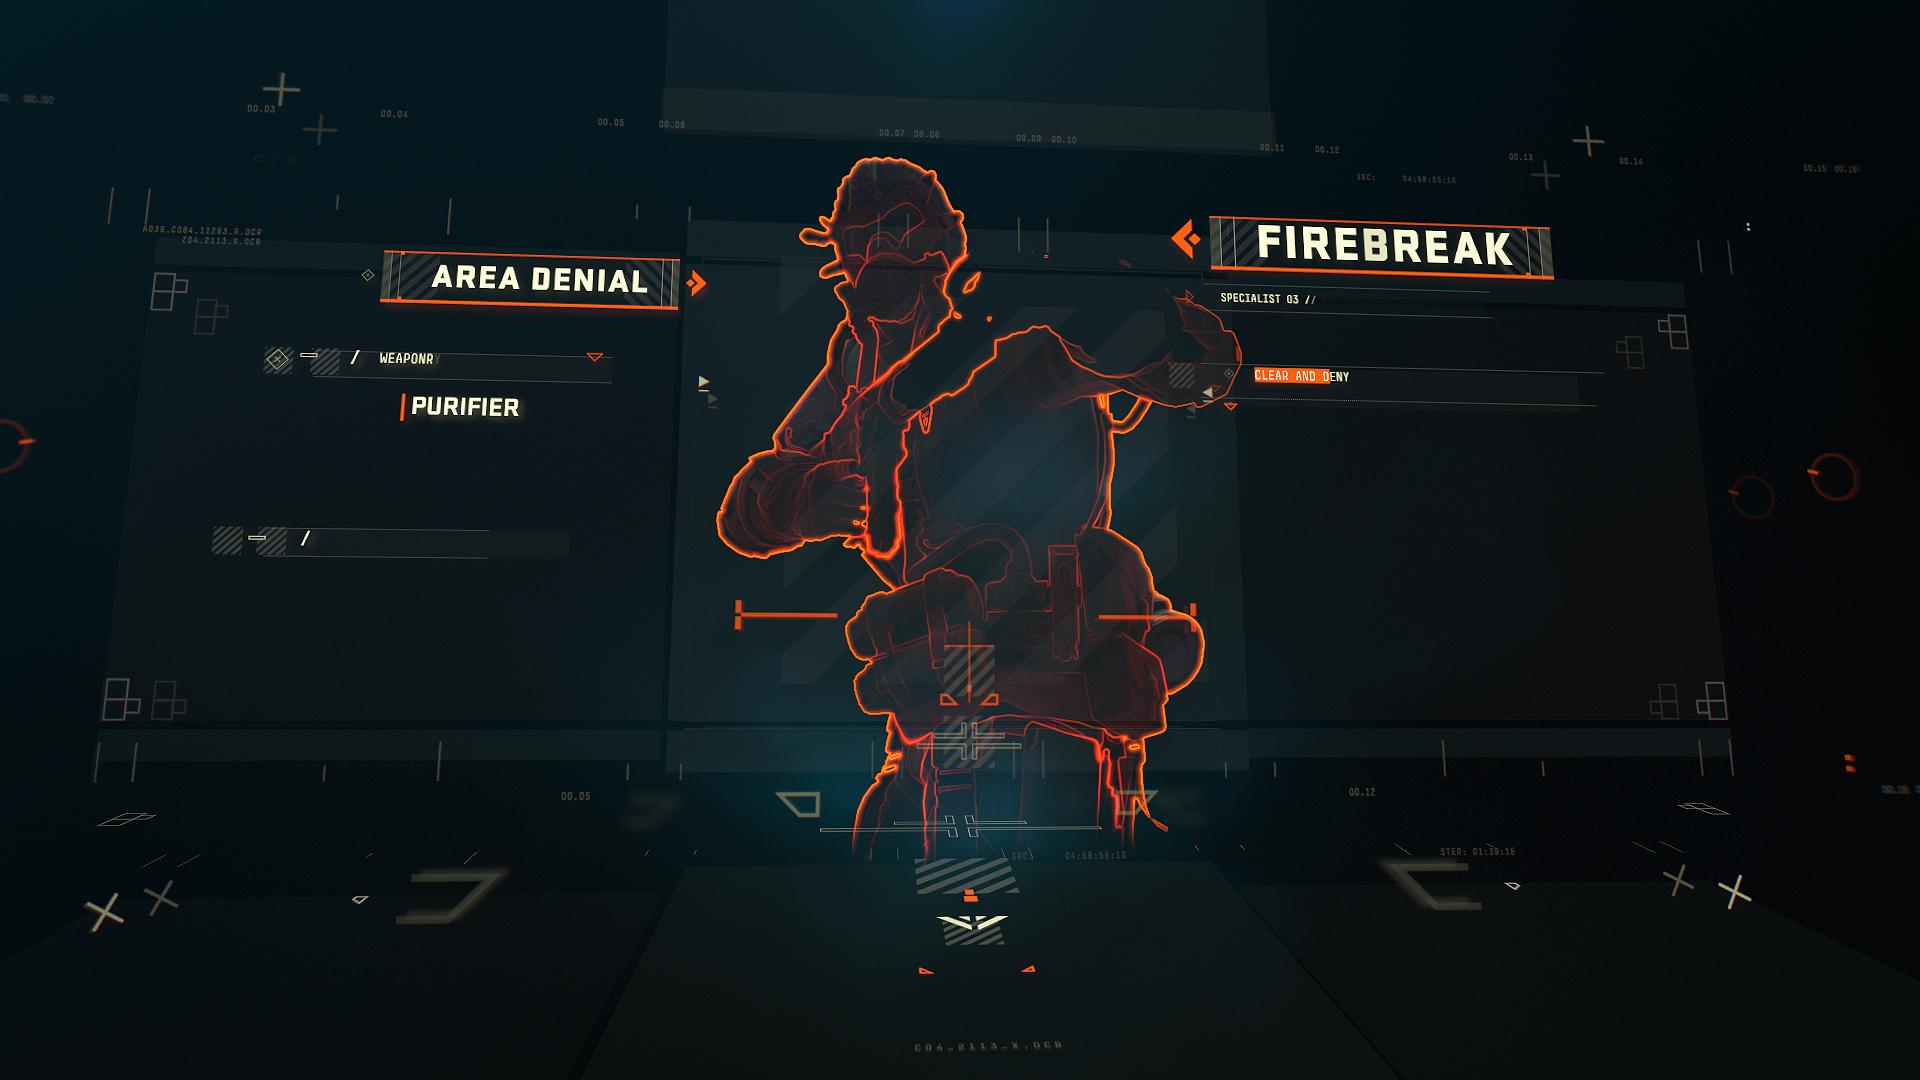 FIREBREAK_00081.jpg